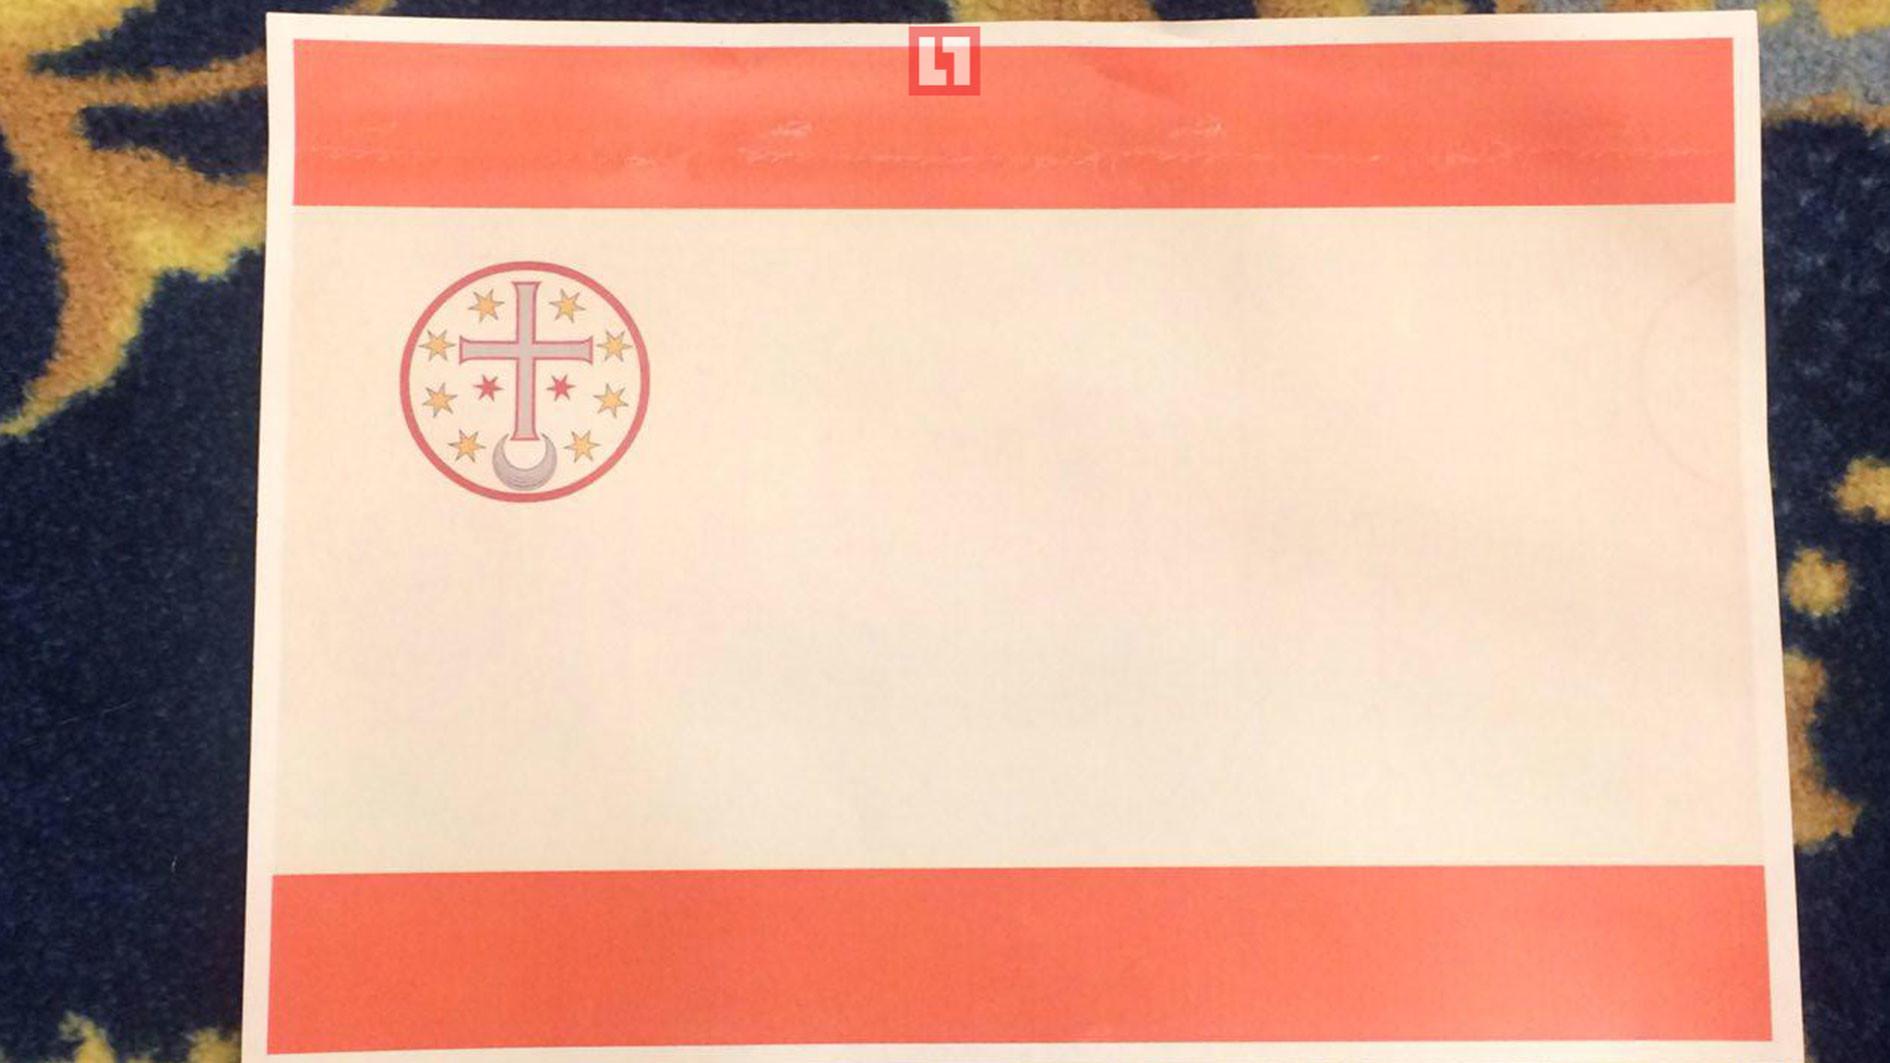 Образец флага Малороссии. Фото: ©L!FE